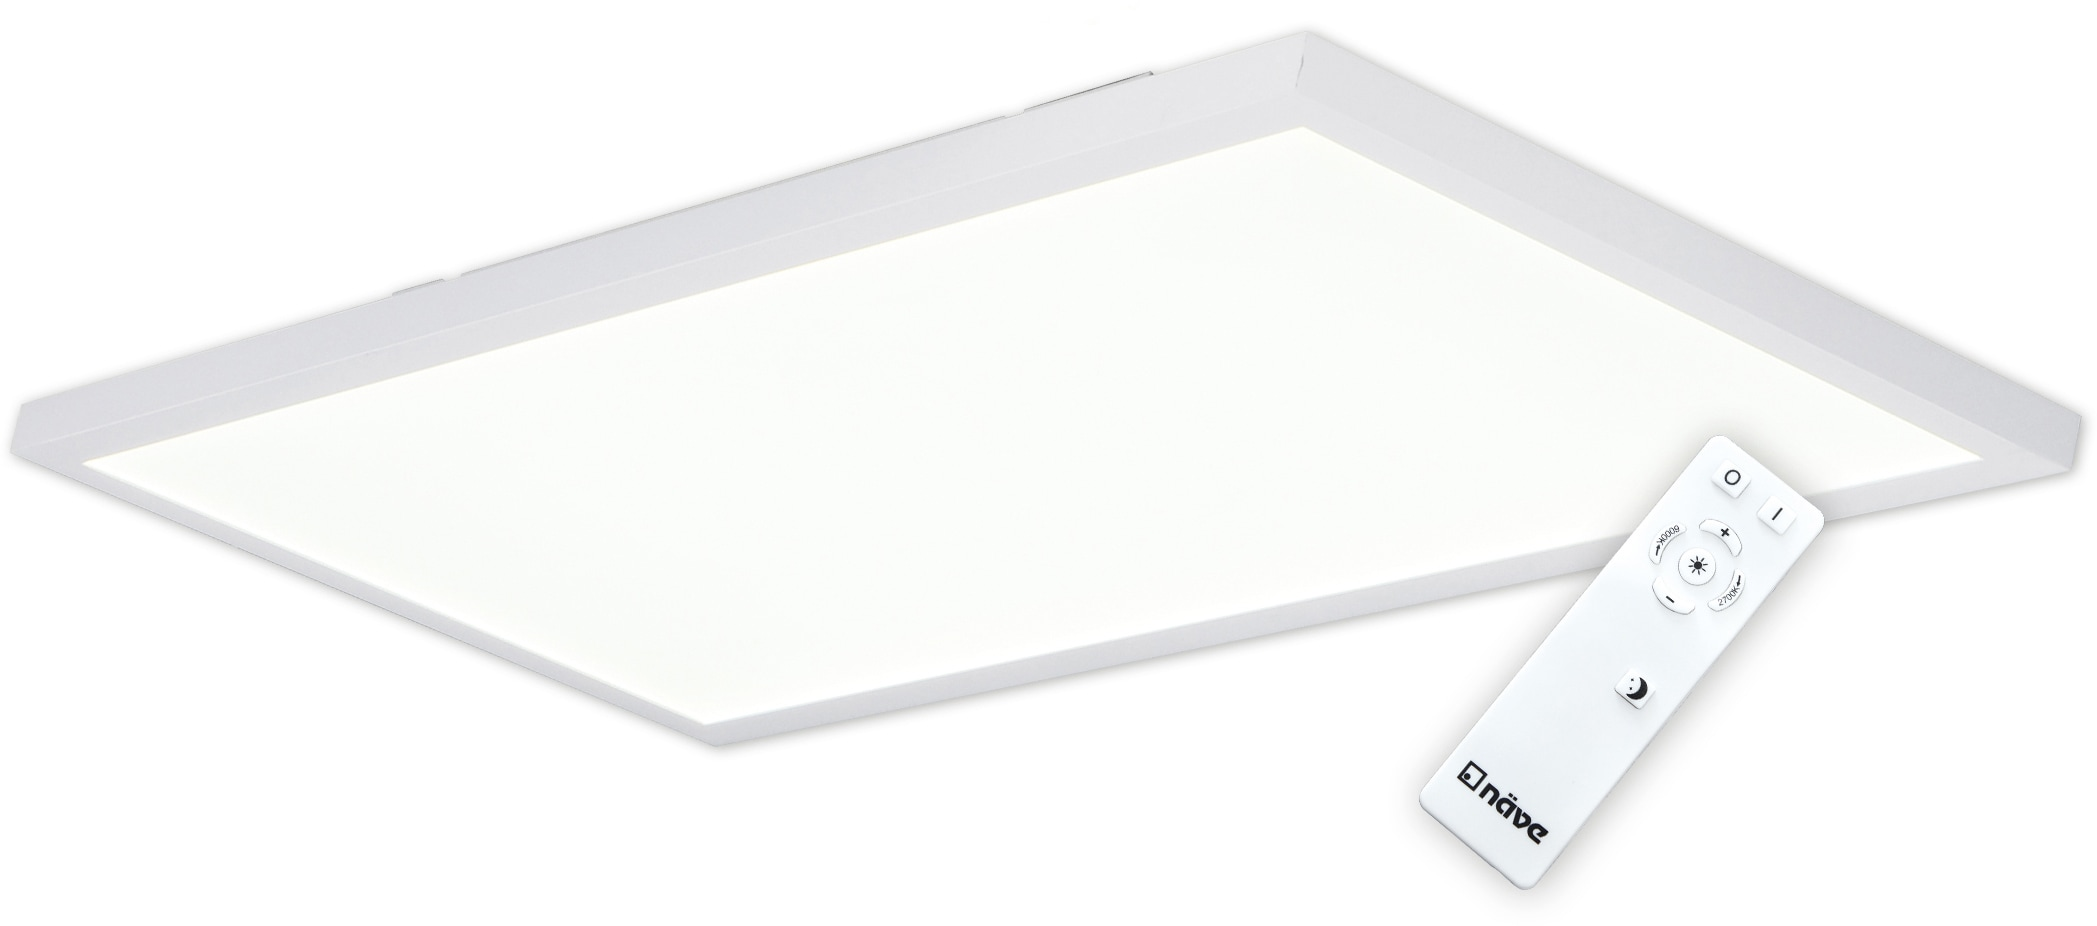 näve LED Deckenleuchte Salta, LED-Board, Warmweiß-Kaltweiß, LED Deckenlampe